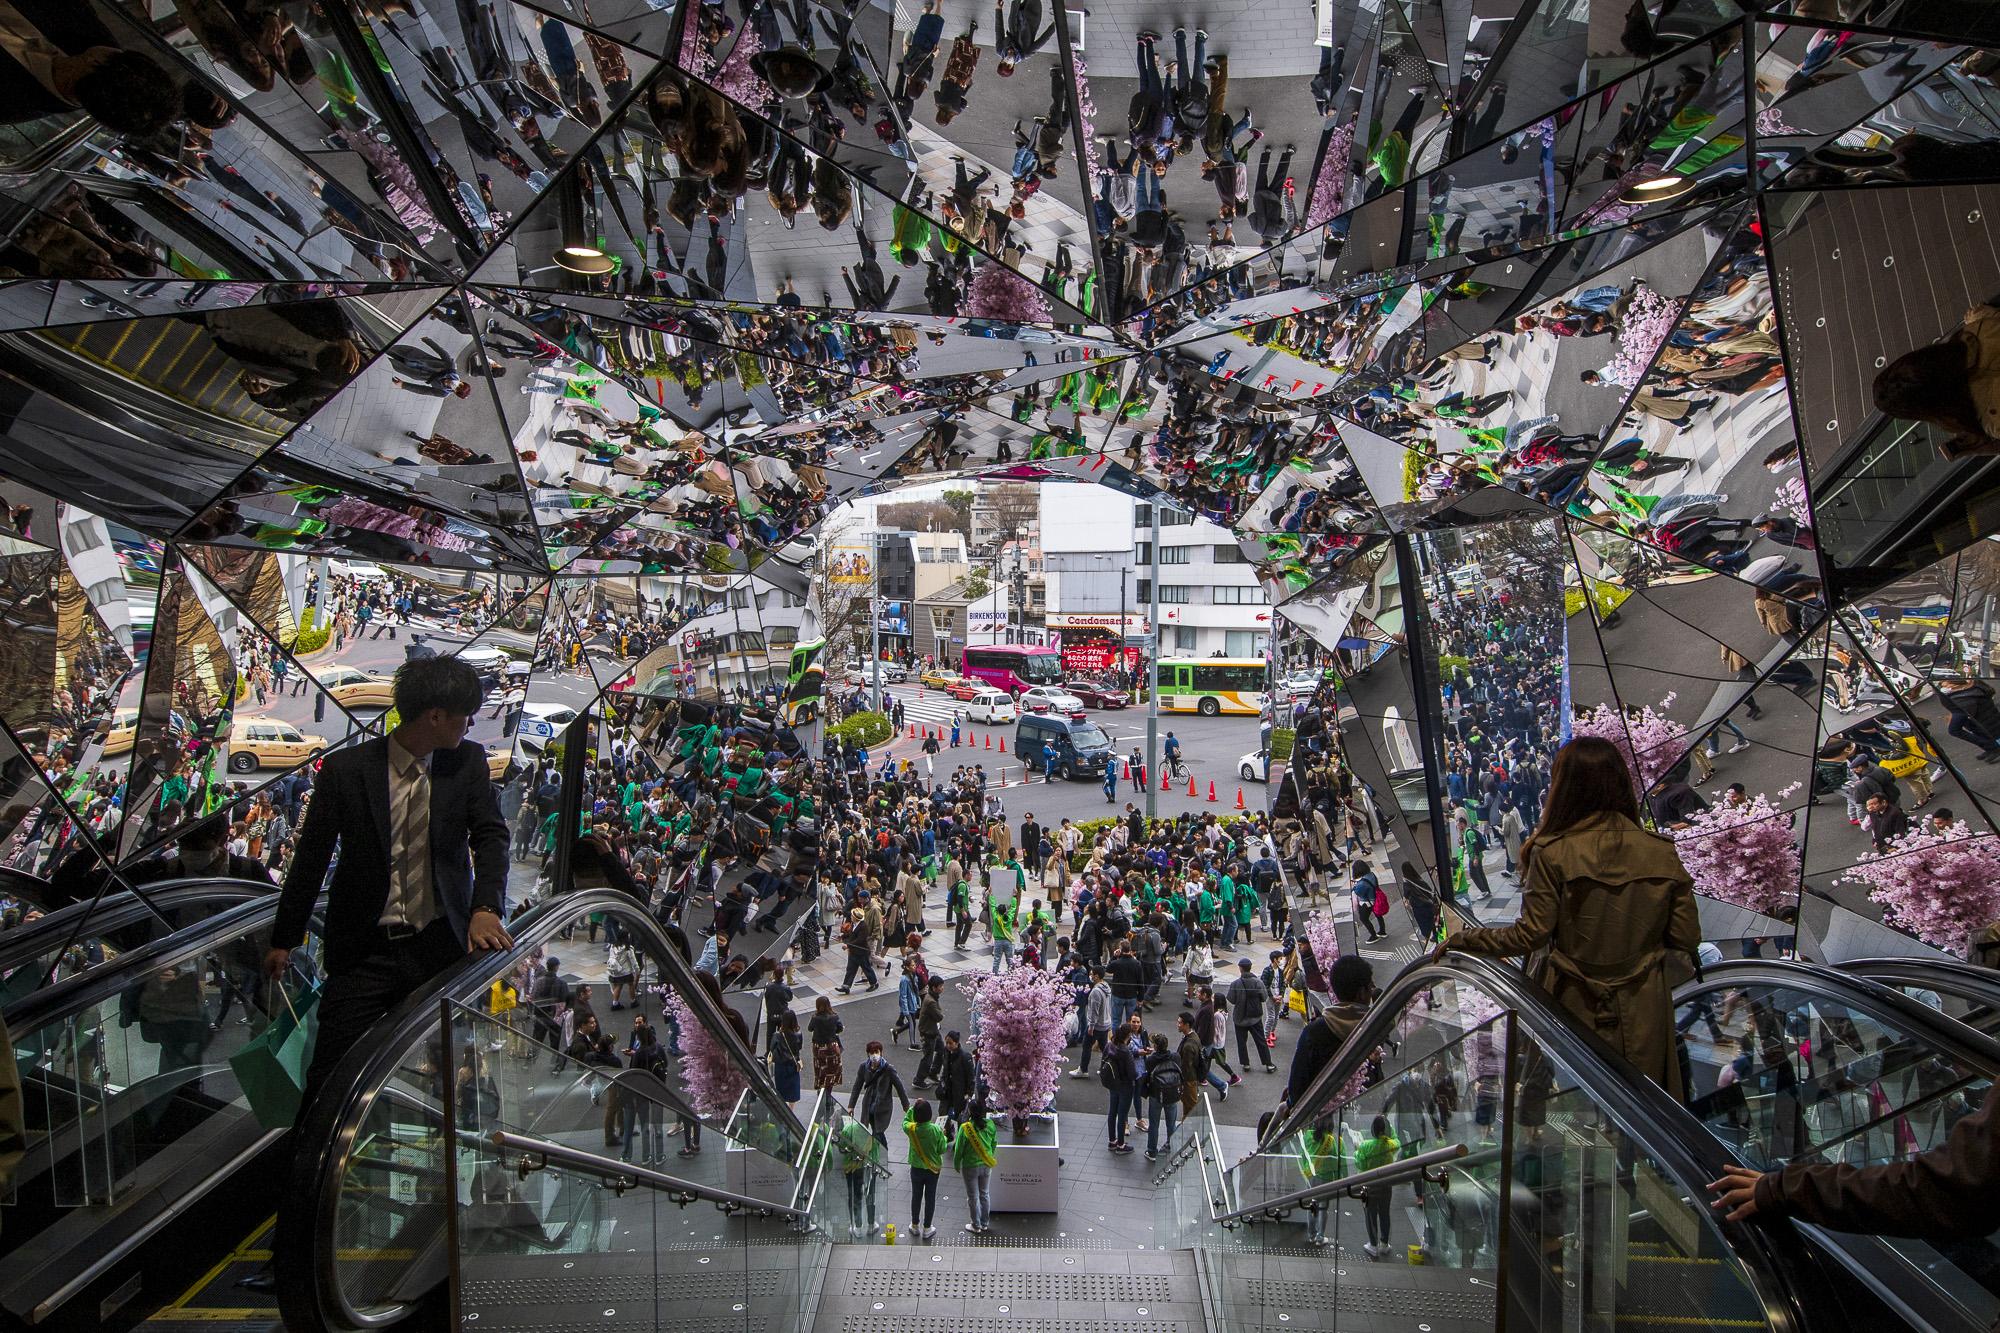 Tokyu Plaza Omotesando Harajuku  PHOTOGRAPHY: ALEXANDER J.E. BRADLEY • NIKON D500 • AF-S NIKKOR 14-24MM Ƒ/2.8G ED @ 14MM • Ƒ/8 • 1/200 • ISO 200